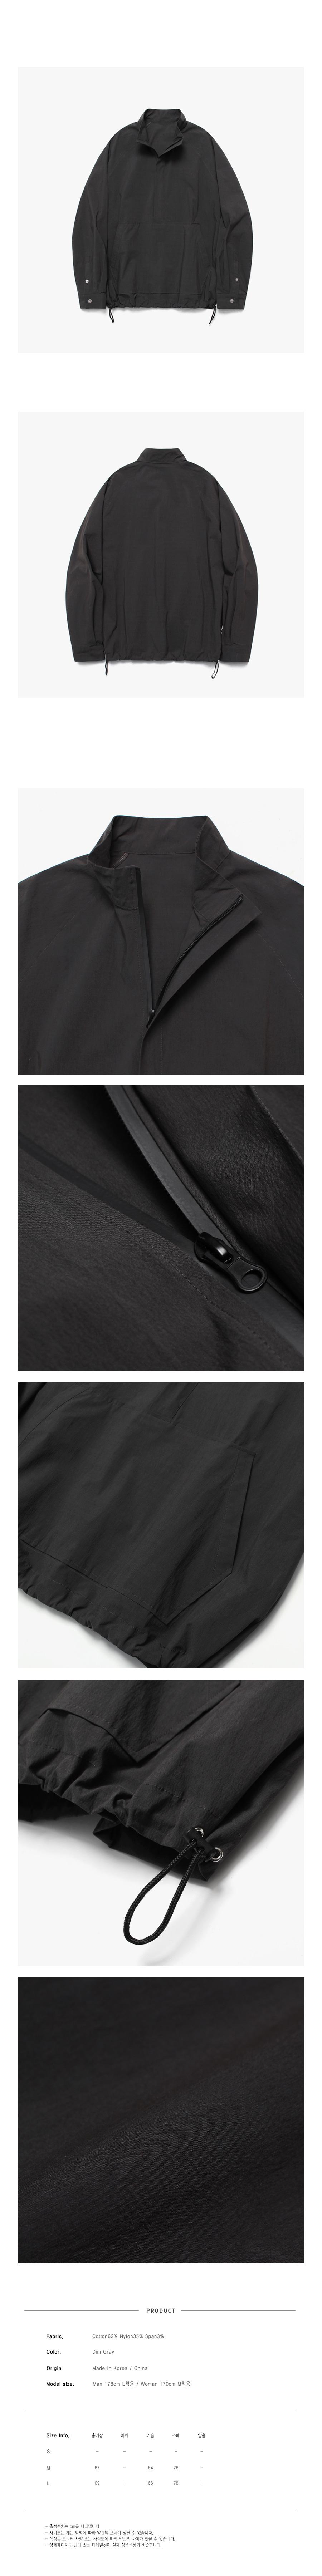 라퍼지스토어(LAFUDGESTORE) (Unisex)오디너리 아노락 셔츠_Dim Gray